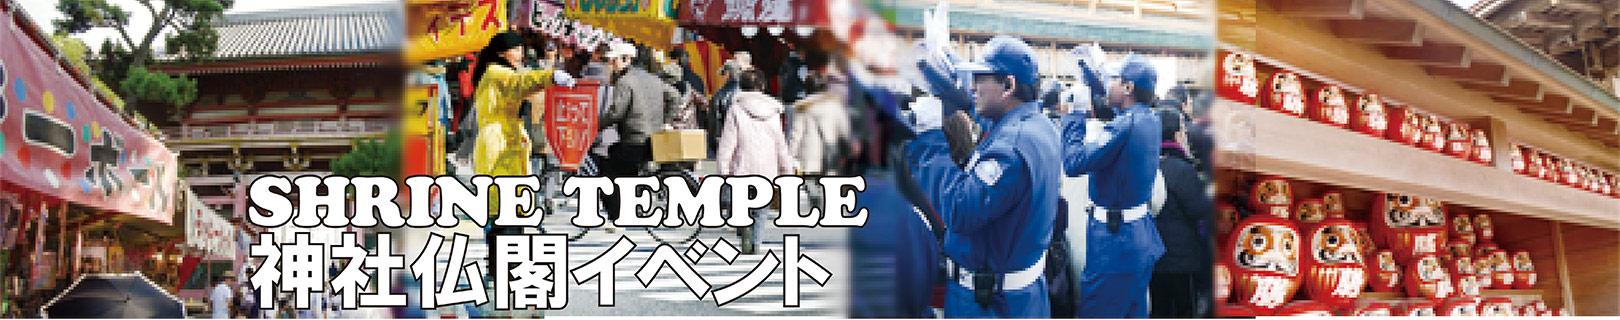 神社仏閣イベント